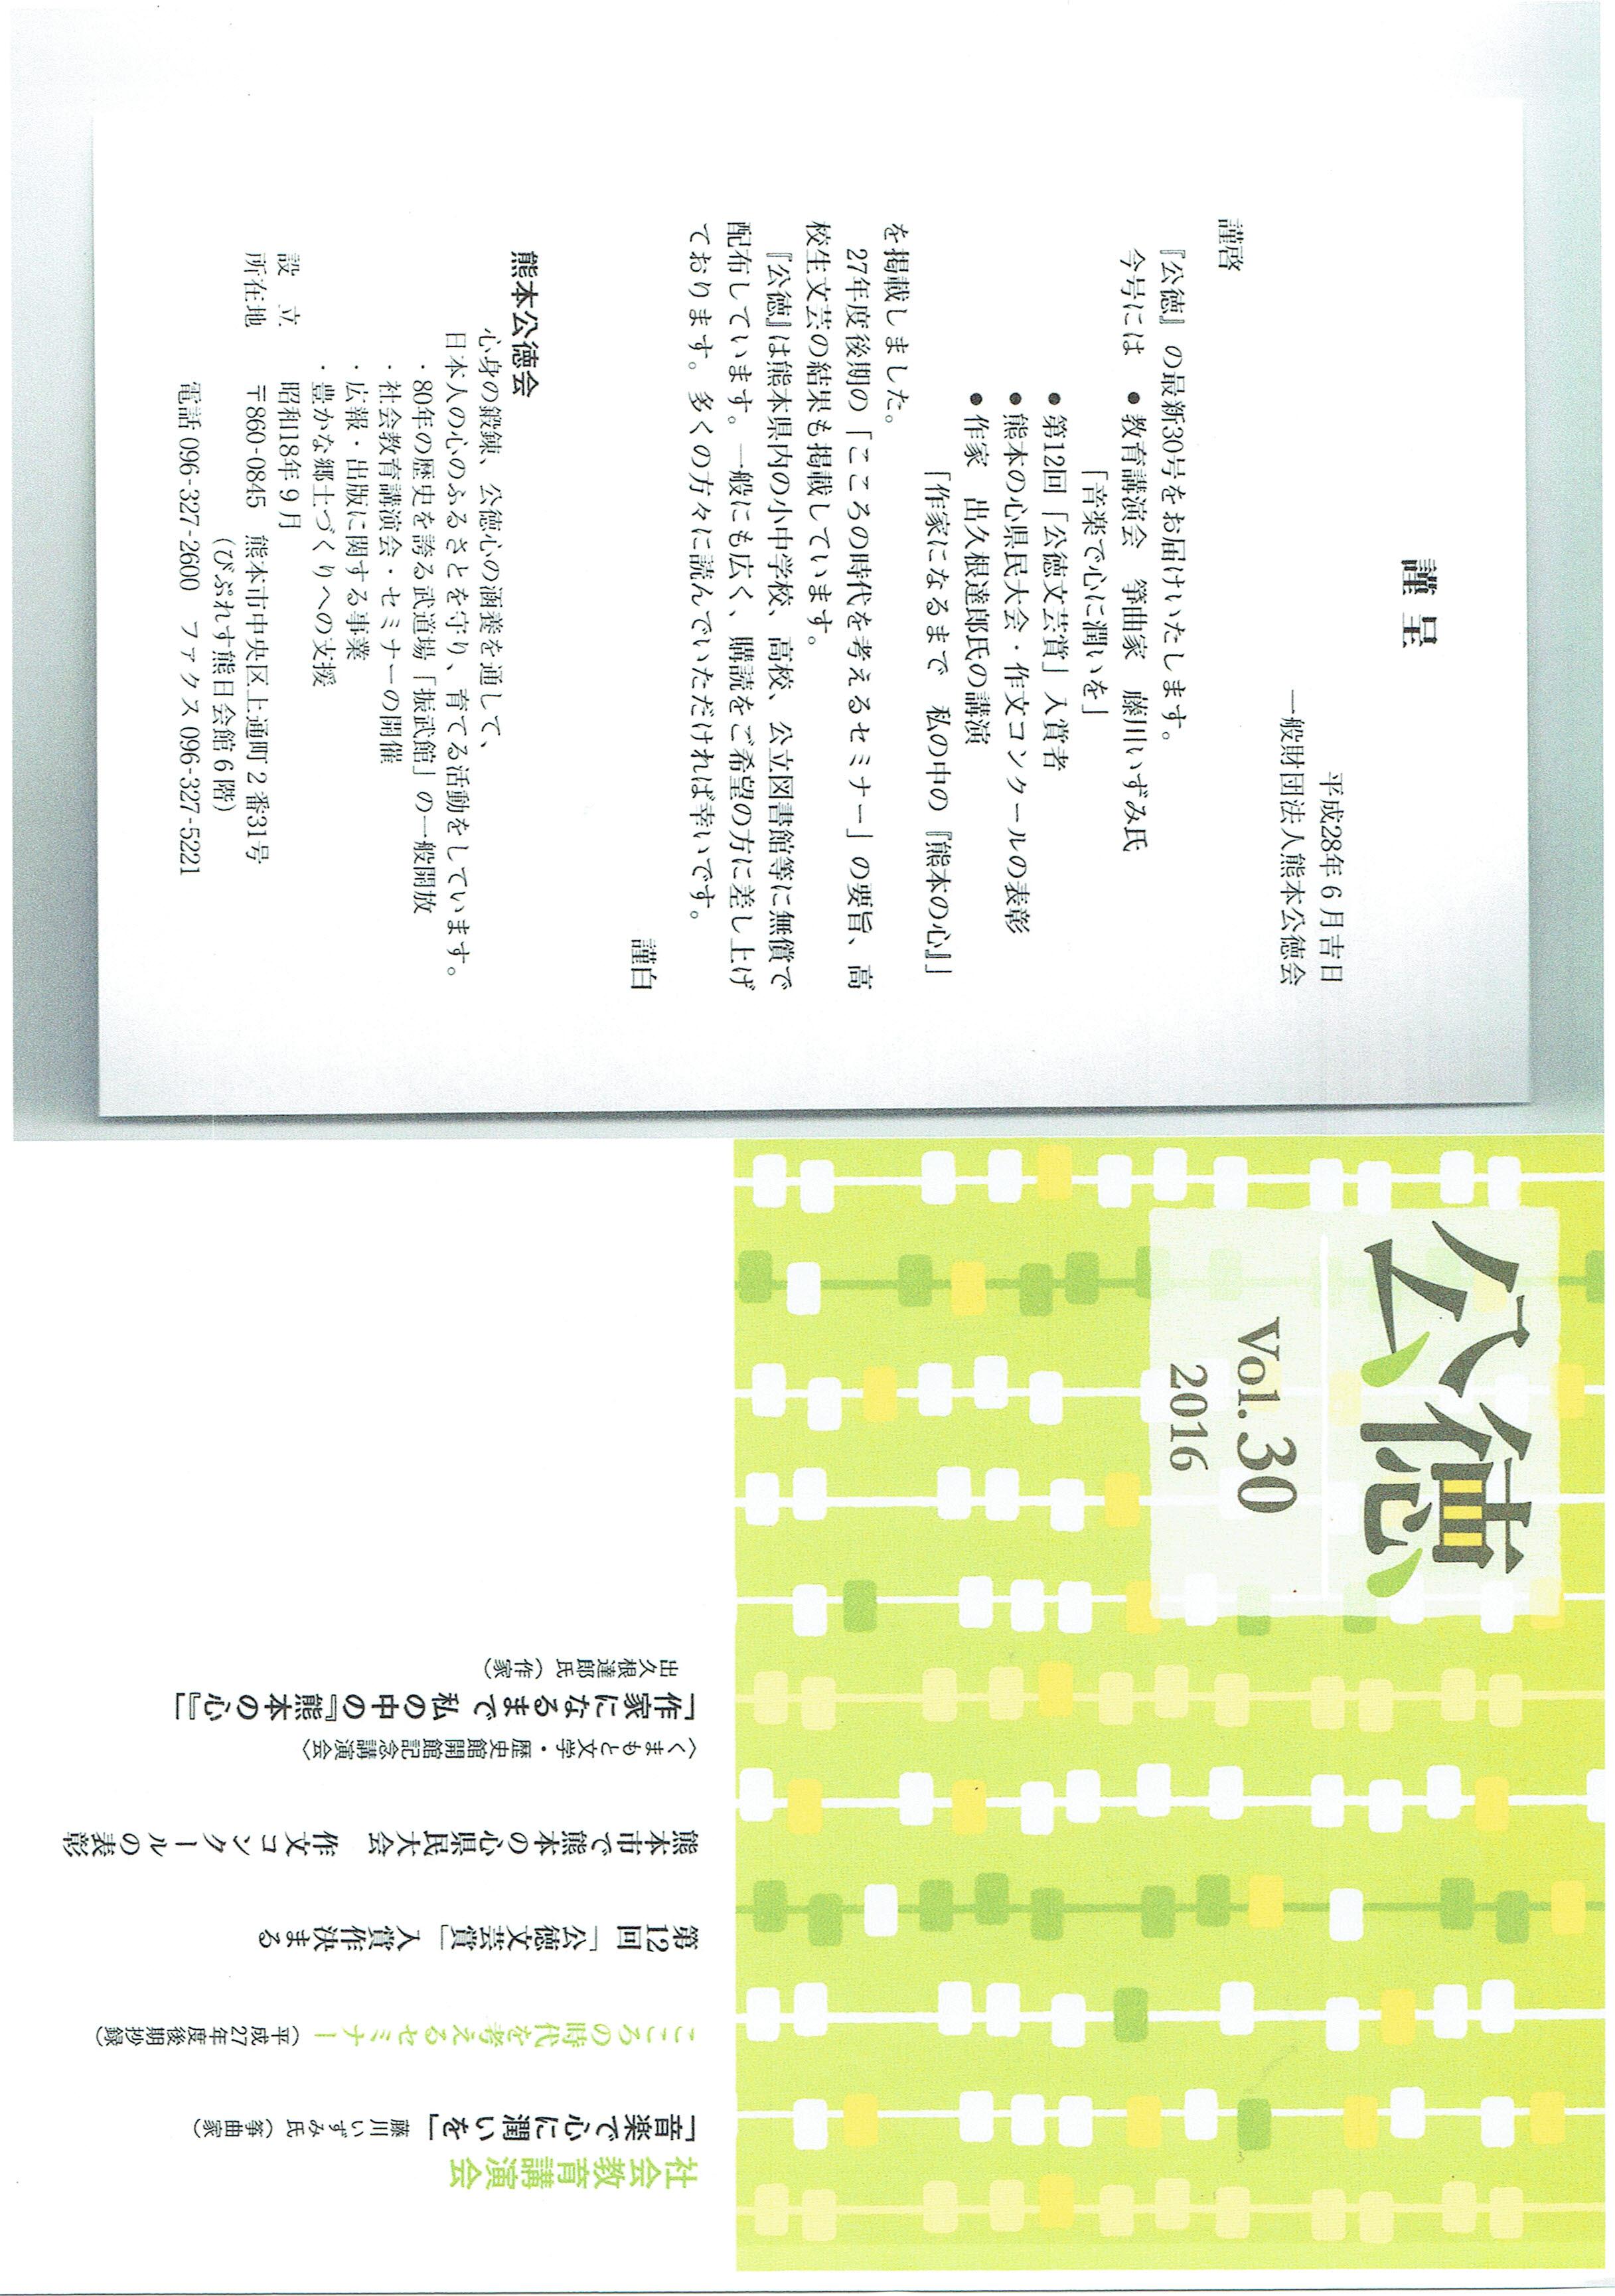 公徳20170103